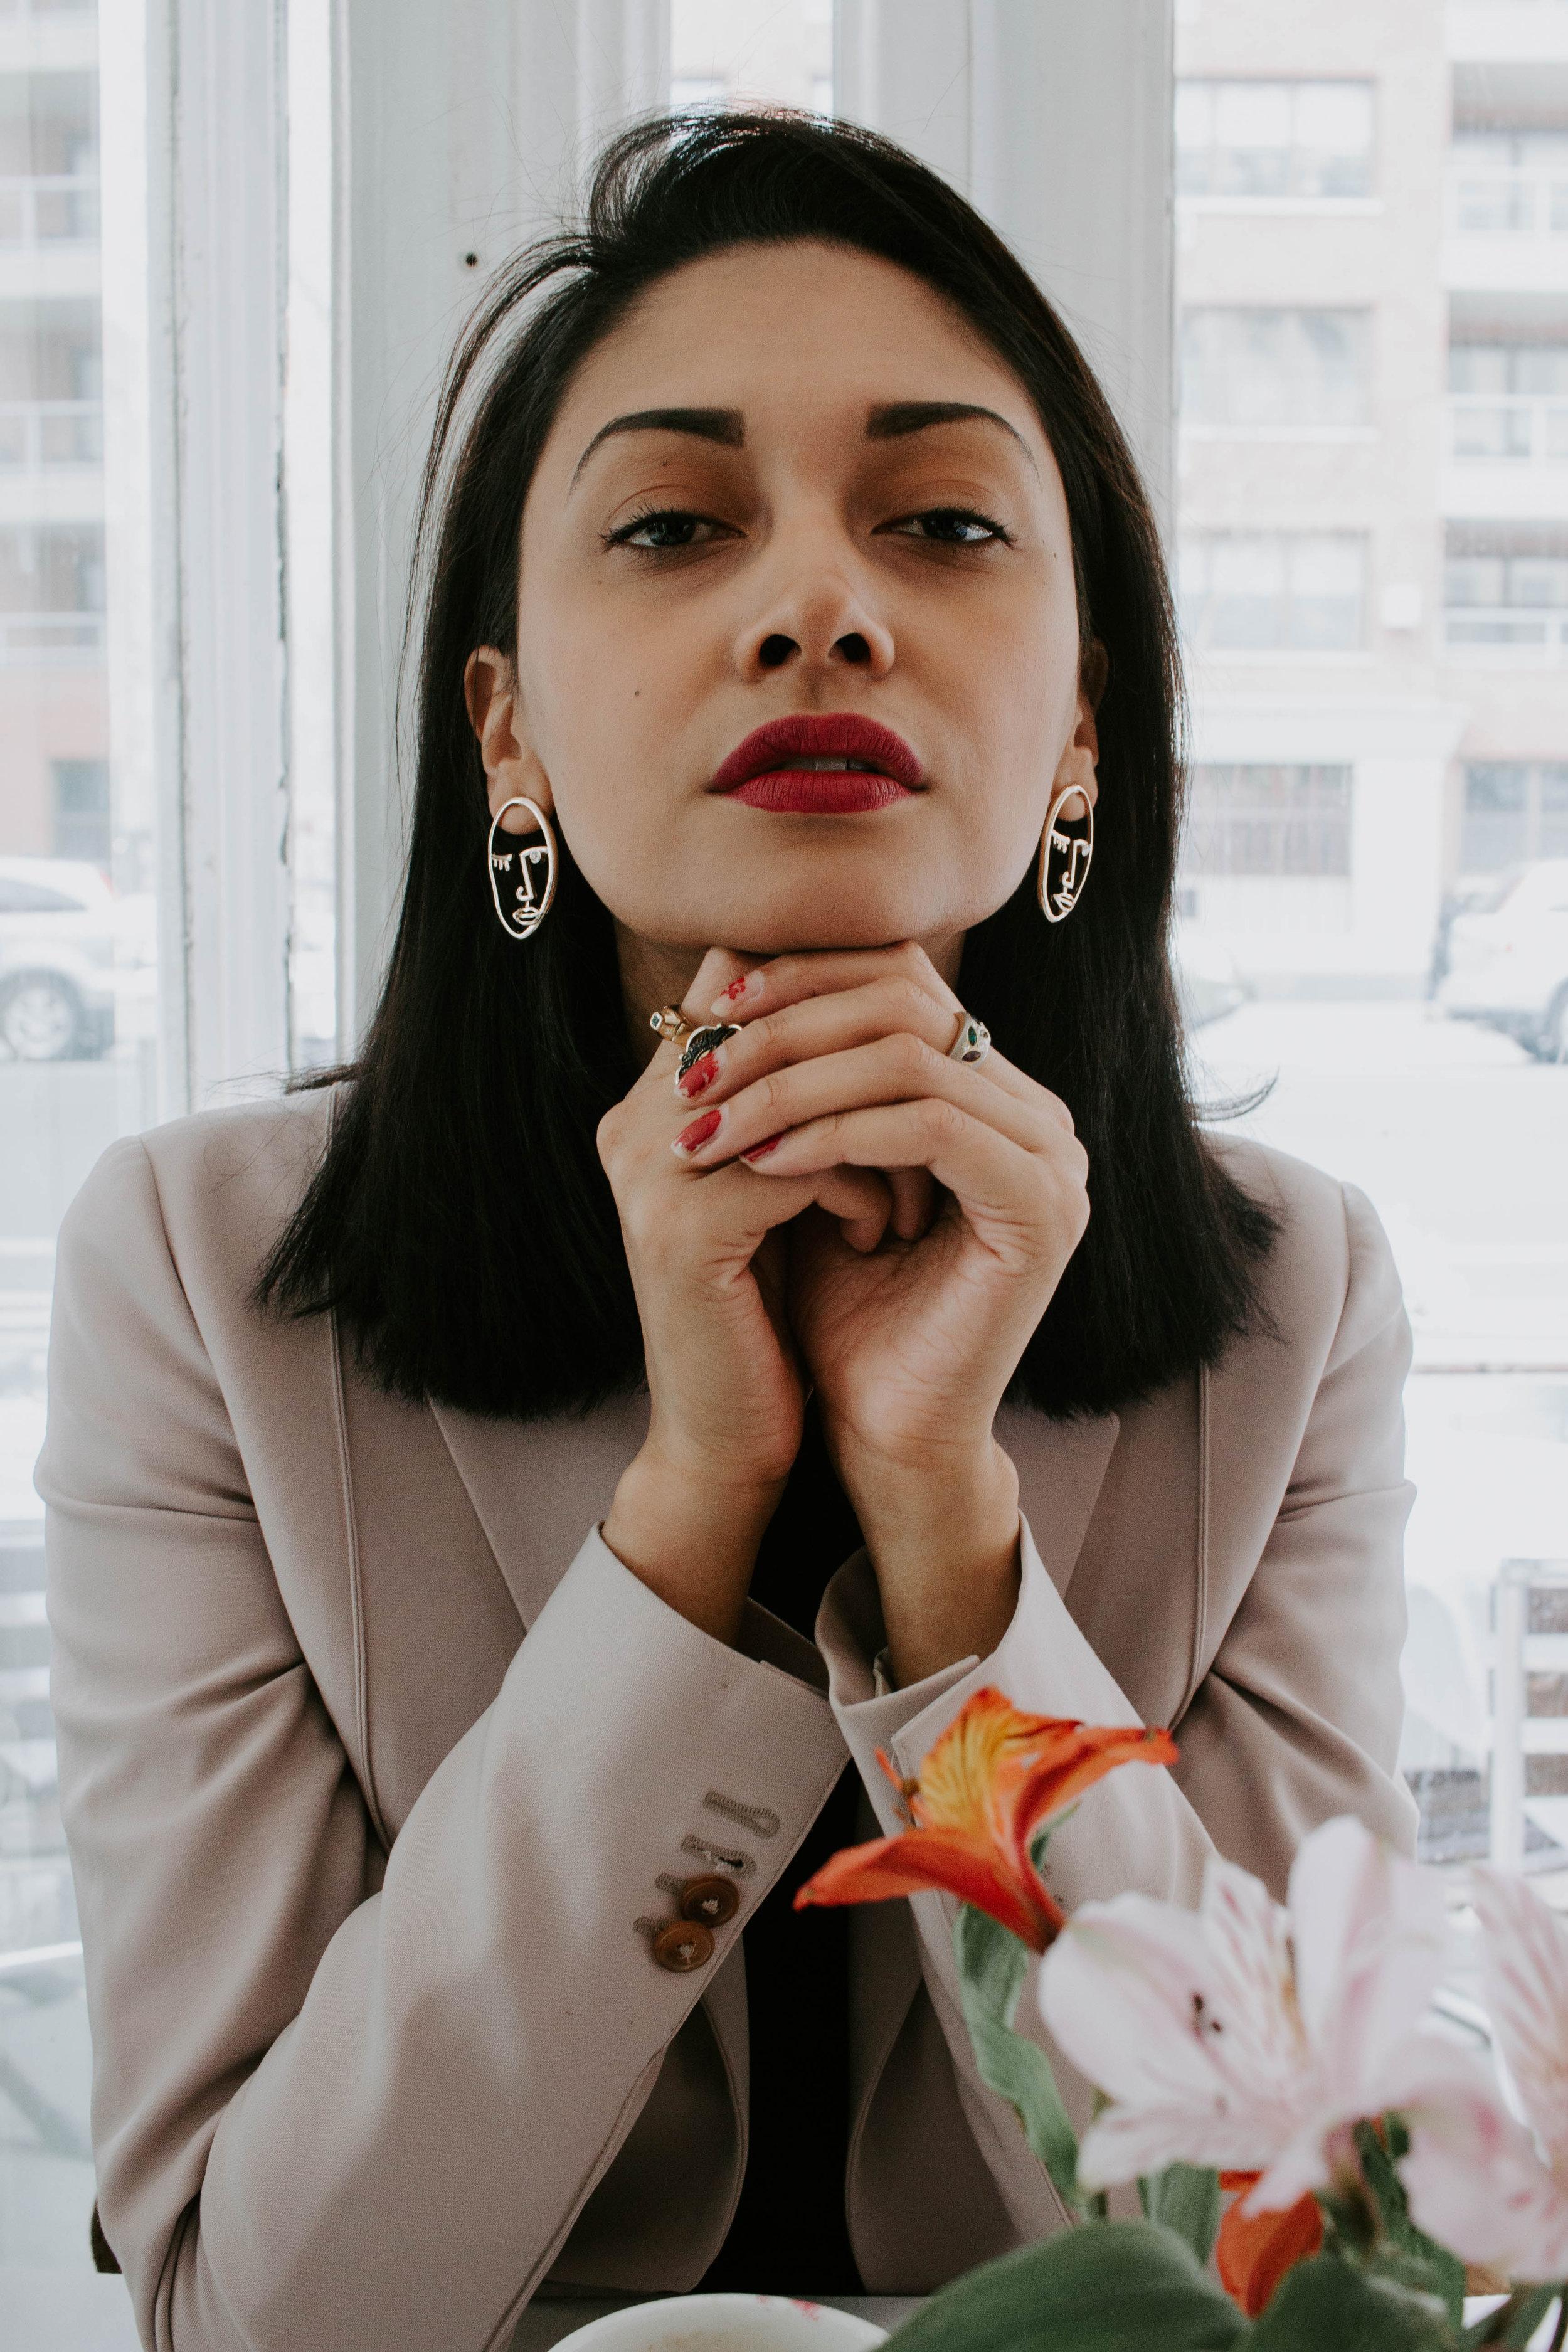 Alejandra - NYC Influencer & Social Media Expert